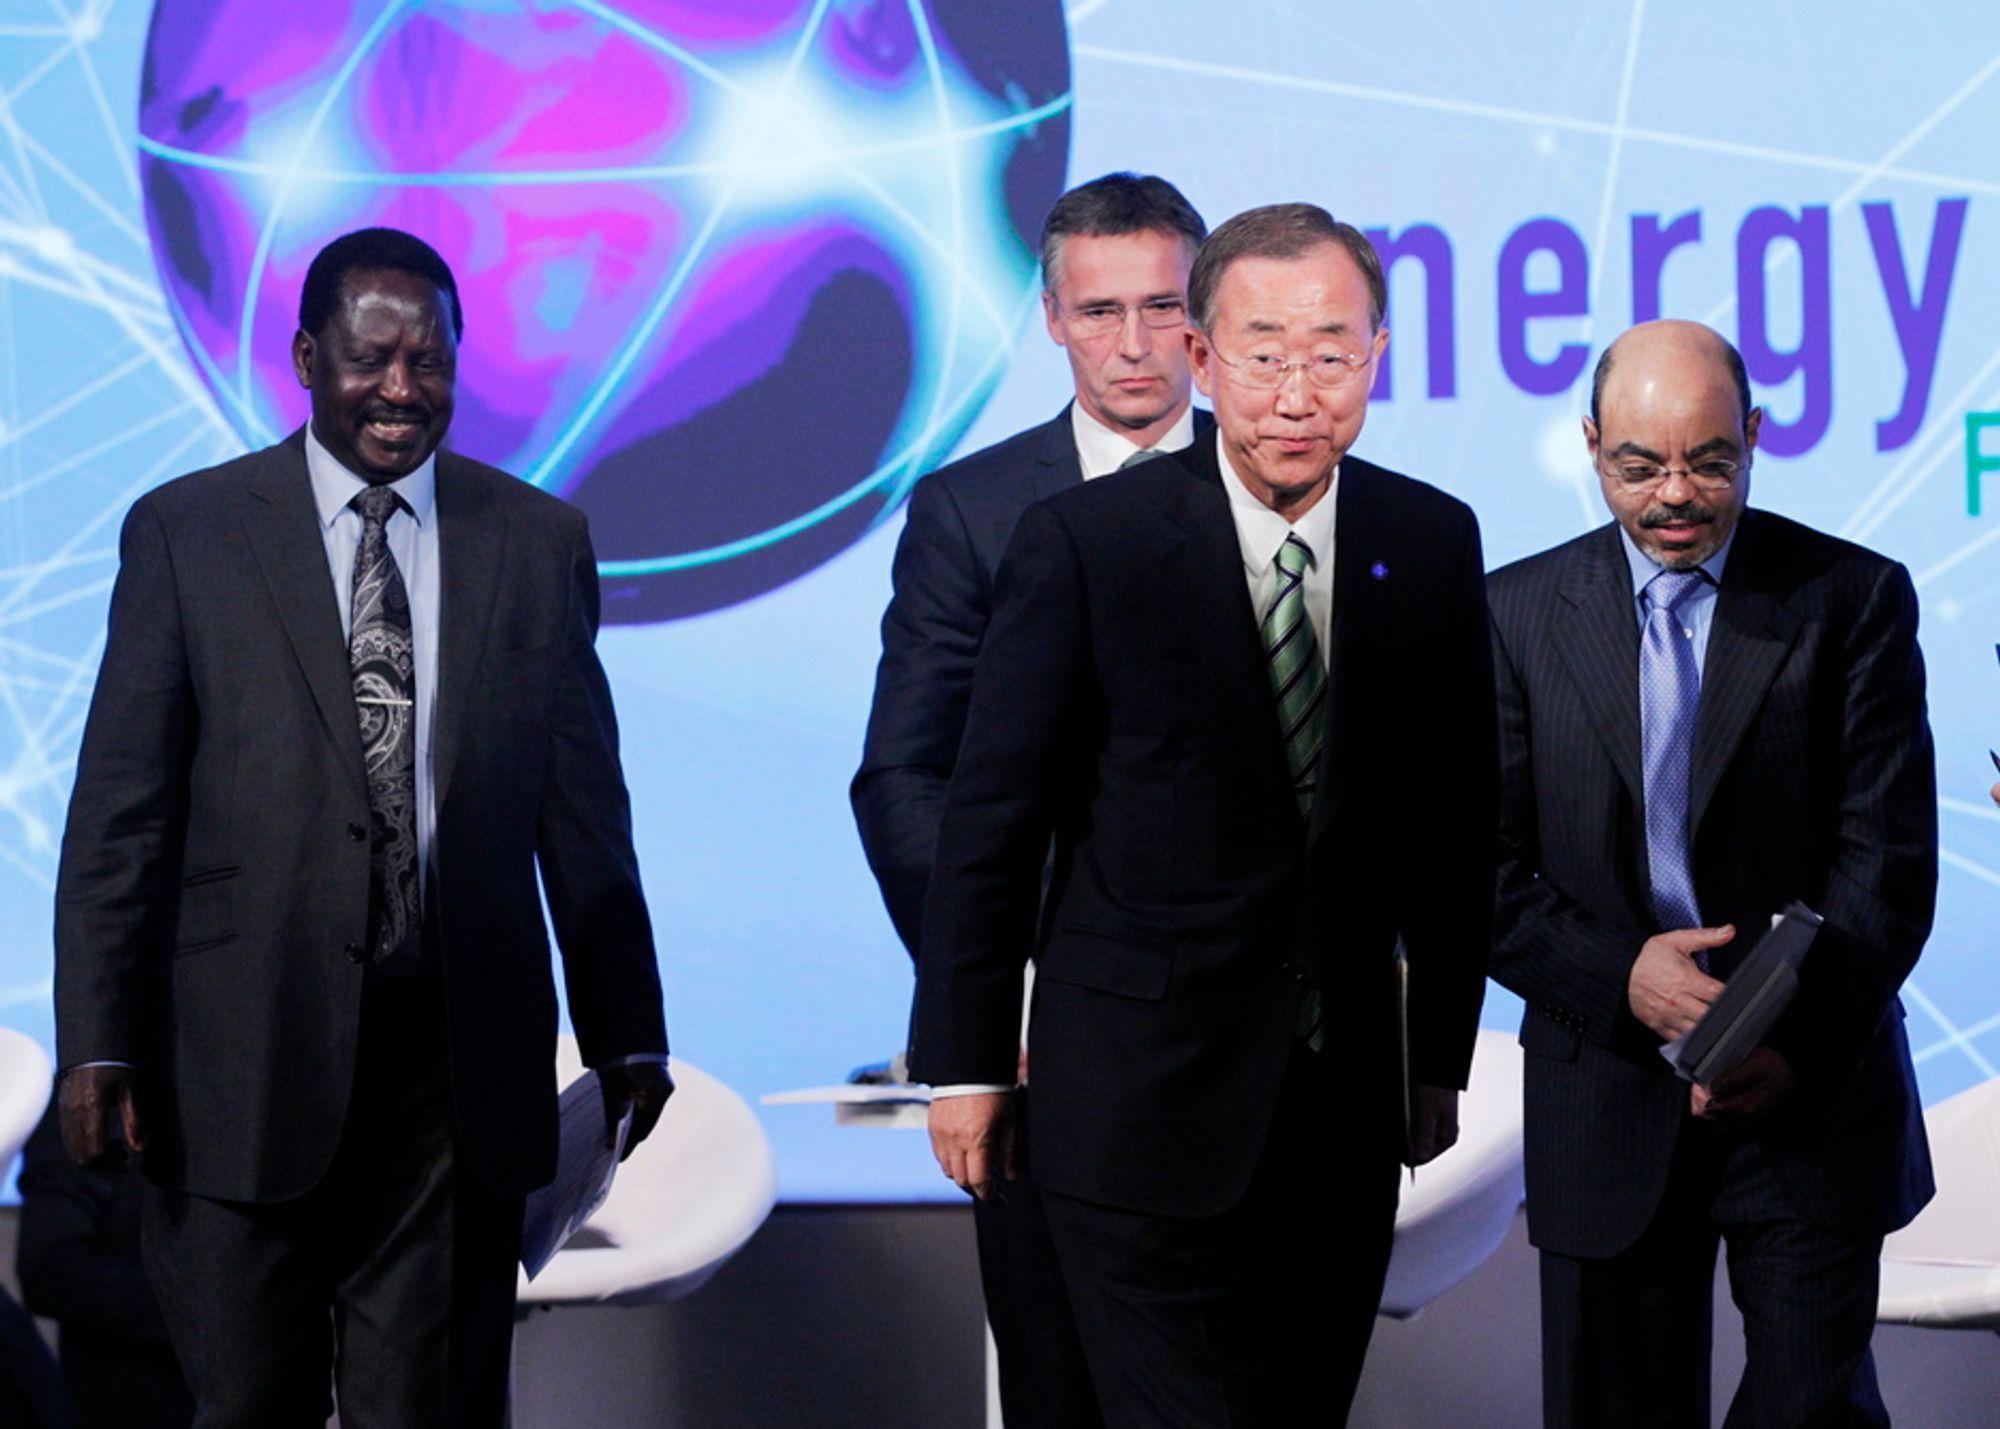 FNs generalsekretær Ban Ki-moon på scenen med statsminister Jens Stoltenberg (bak), Kenyas statsminister Raila Amollo Odinga (t.v.) og Etiopias statsminister Meles Zenawi (t.h.) under toppmøte om energifattigdom i Oslo mandag.